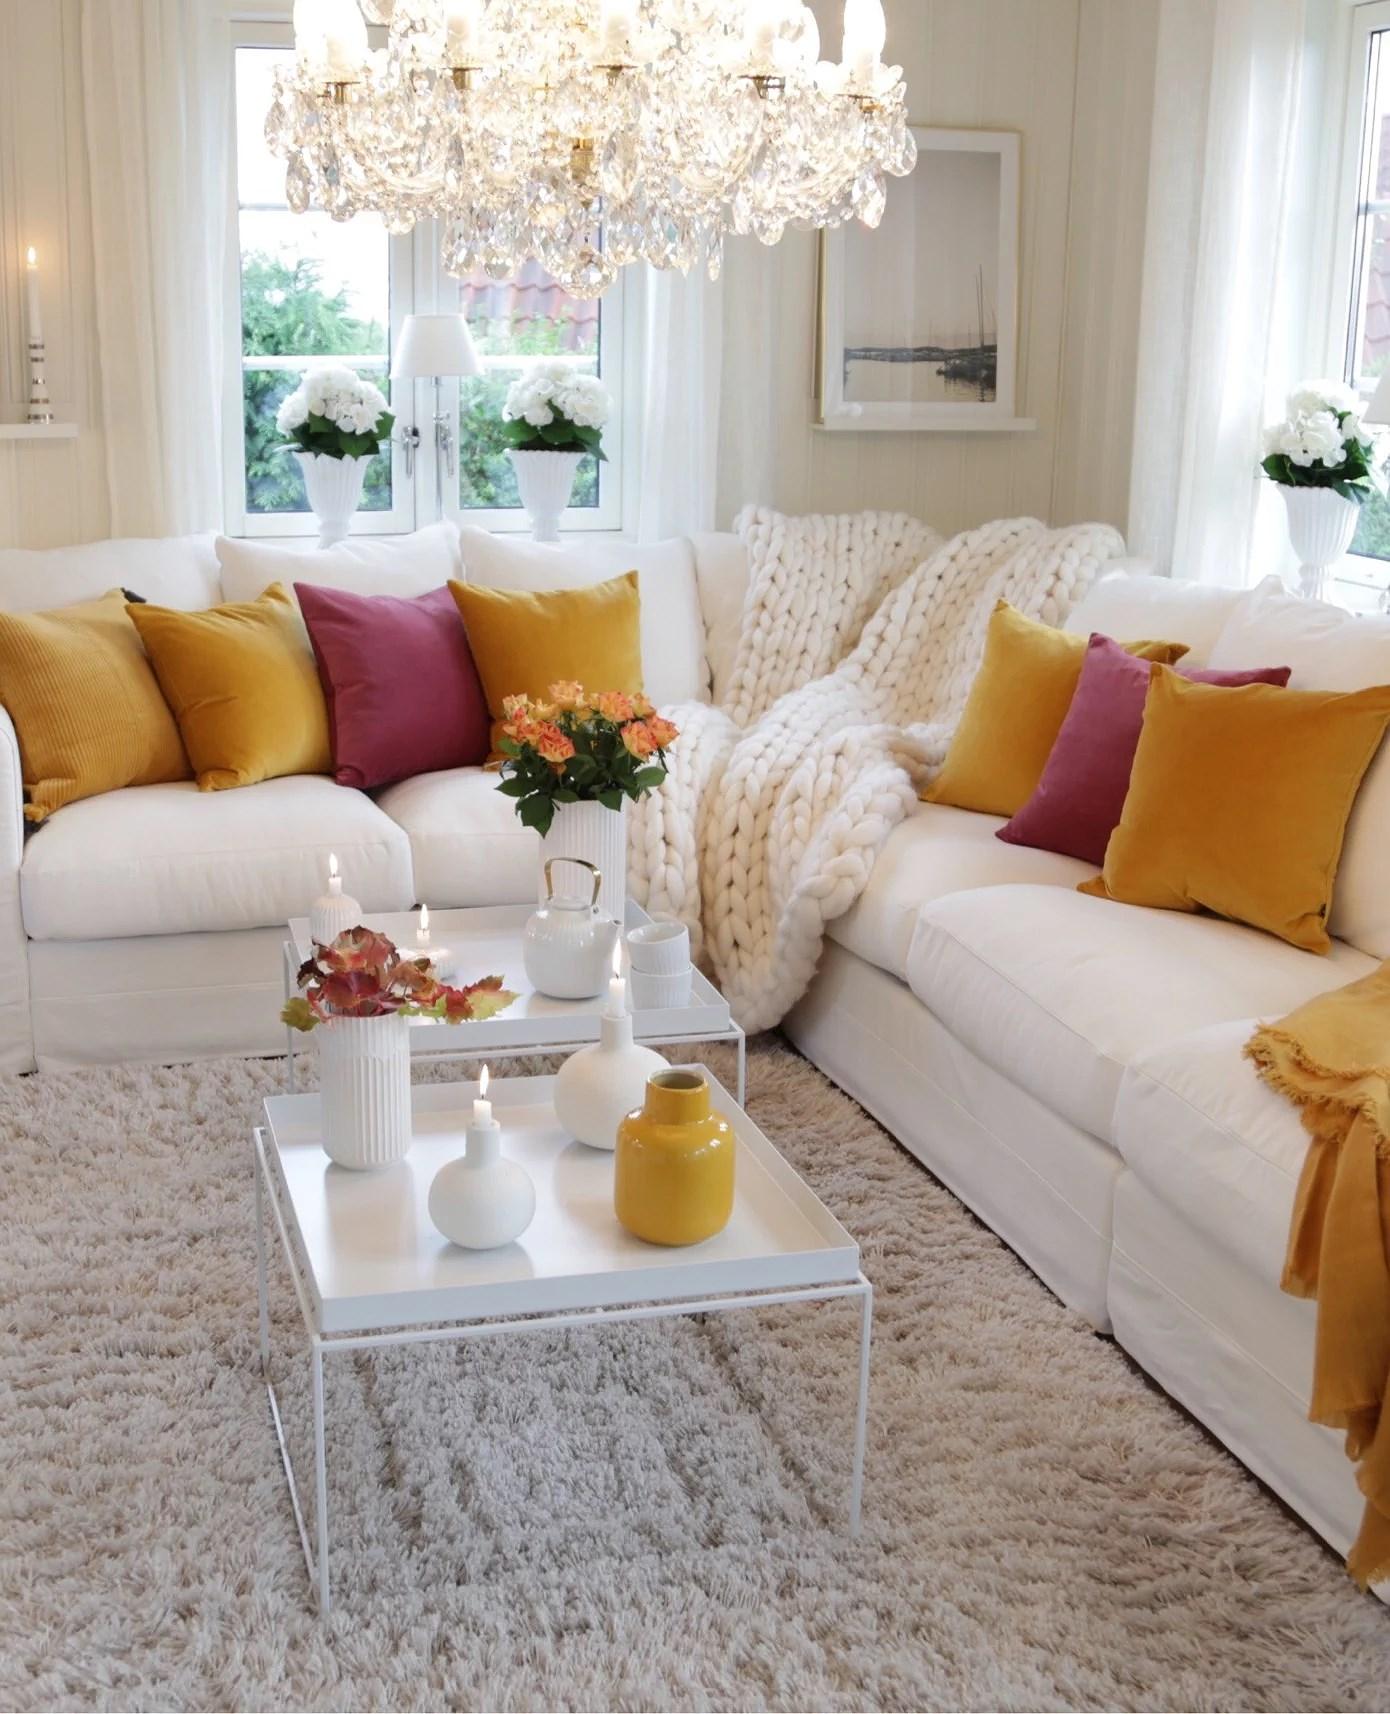 Mustard yellow and burgundy cushions